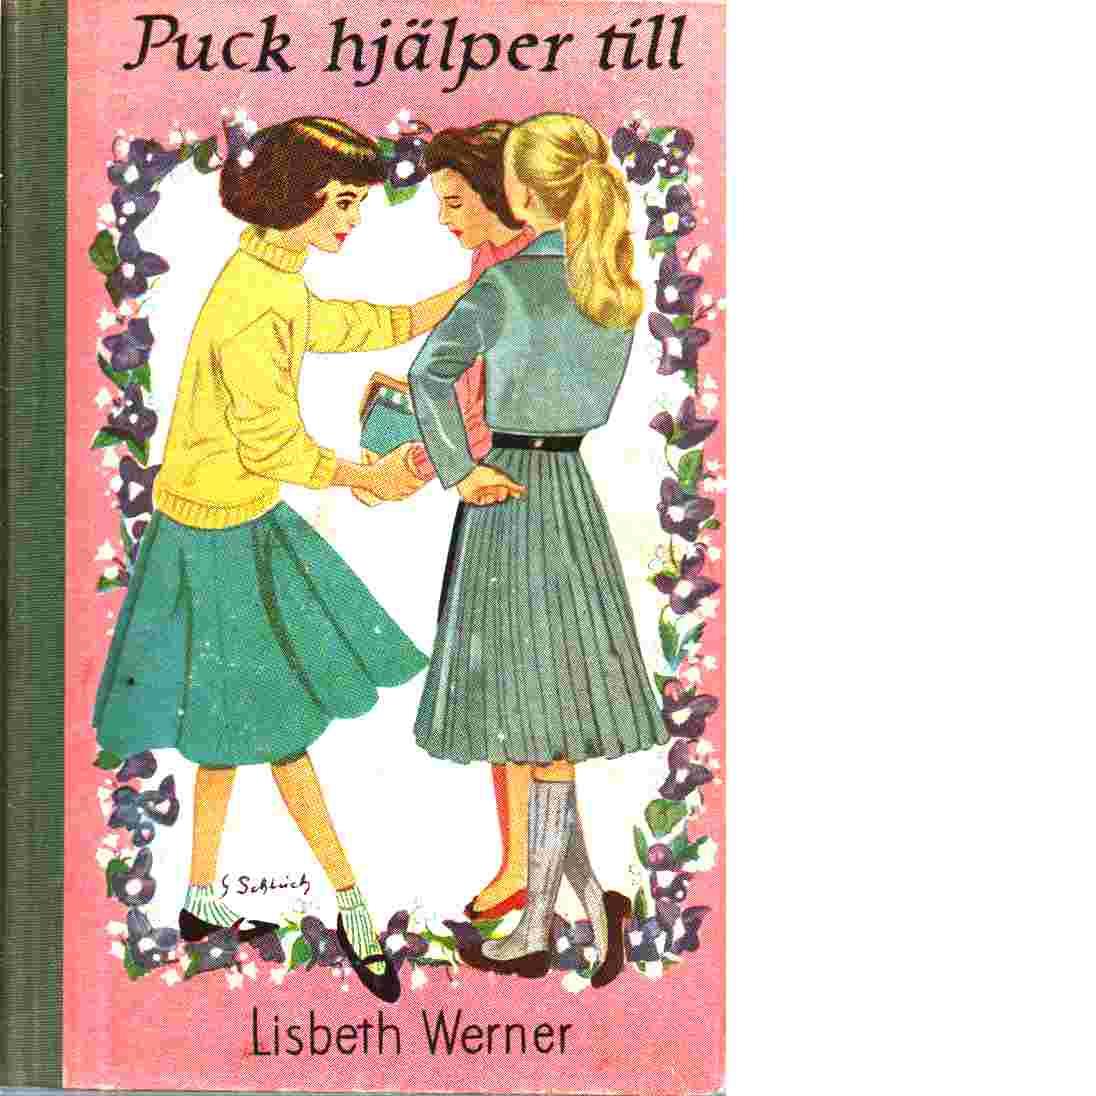 Puck hjälper till - Werner, Lisbeth